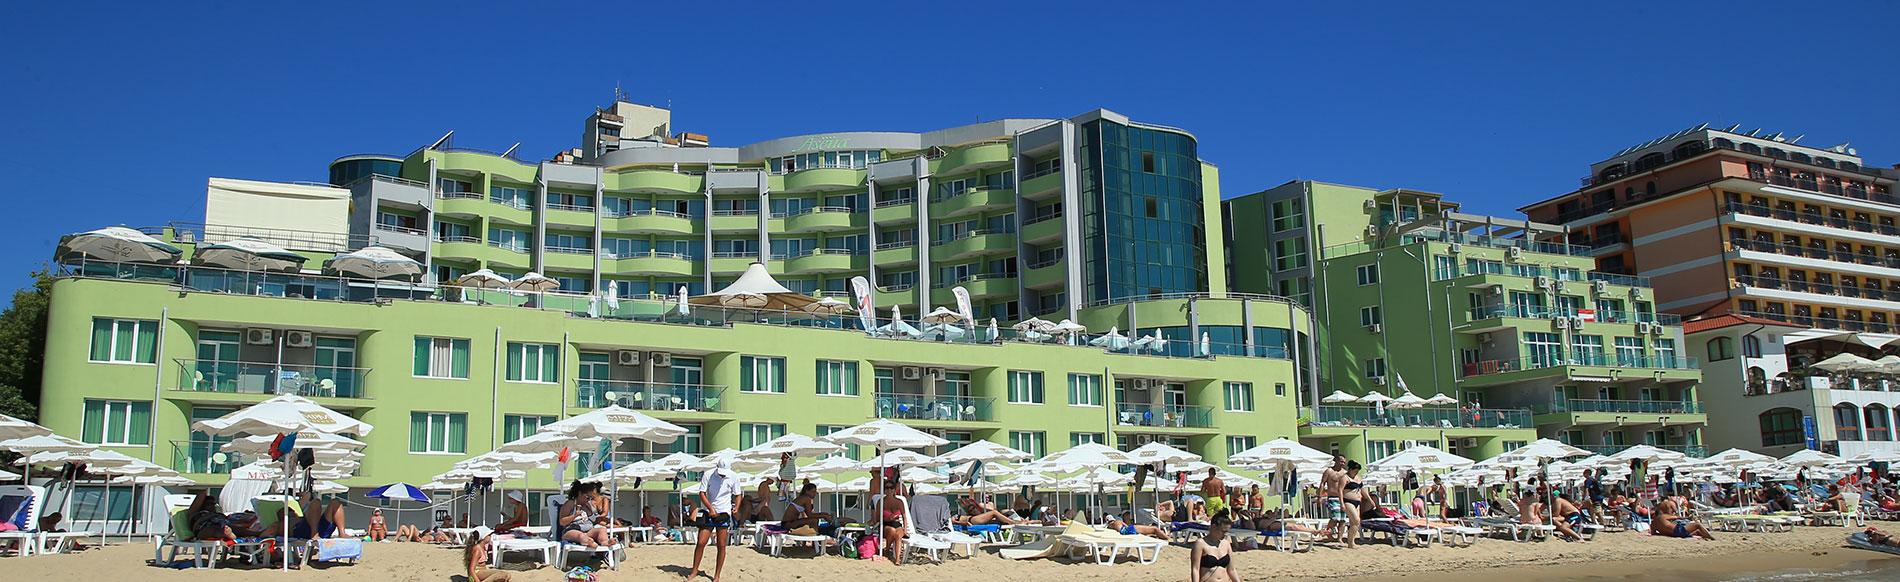 МPM Hotel Arsena